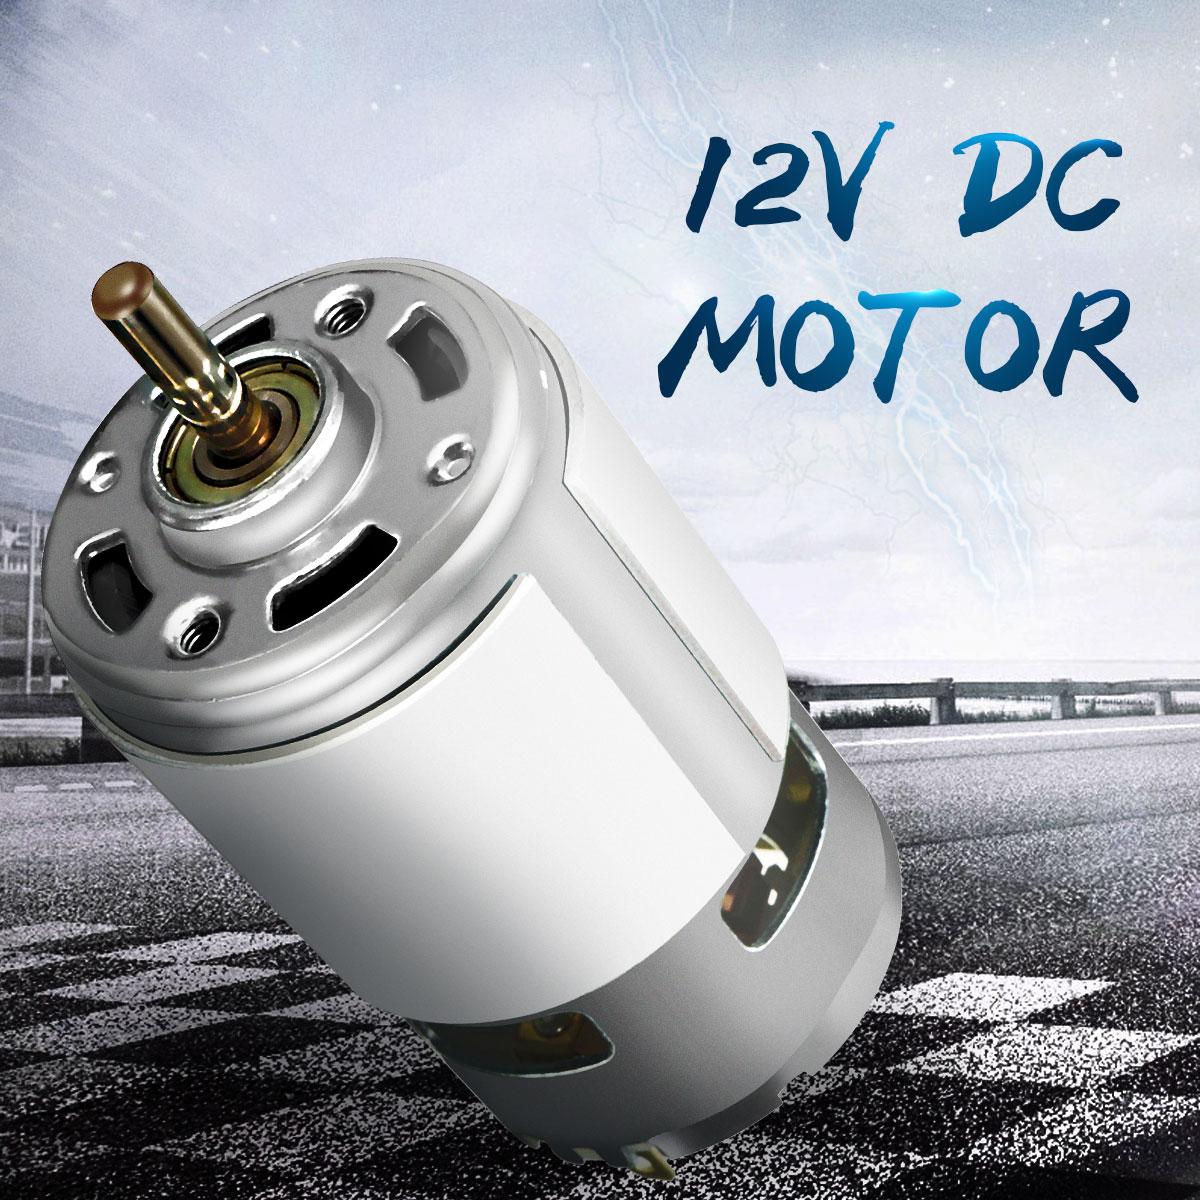 DC 12 V 100 W 1300015000 RPM 775 motor de alta velocidad de torsión grande DC motor eléctrico herramienta maquinaria eléctrica